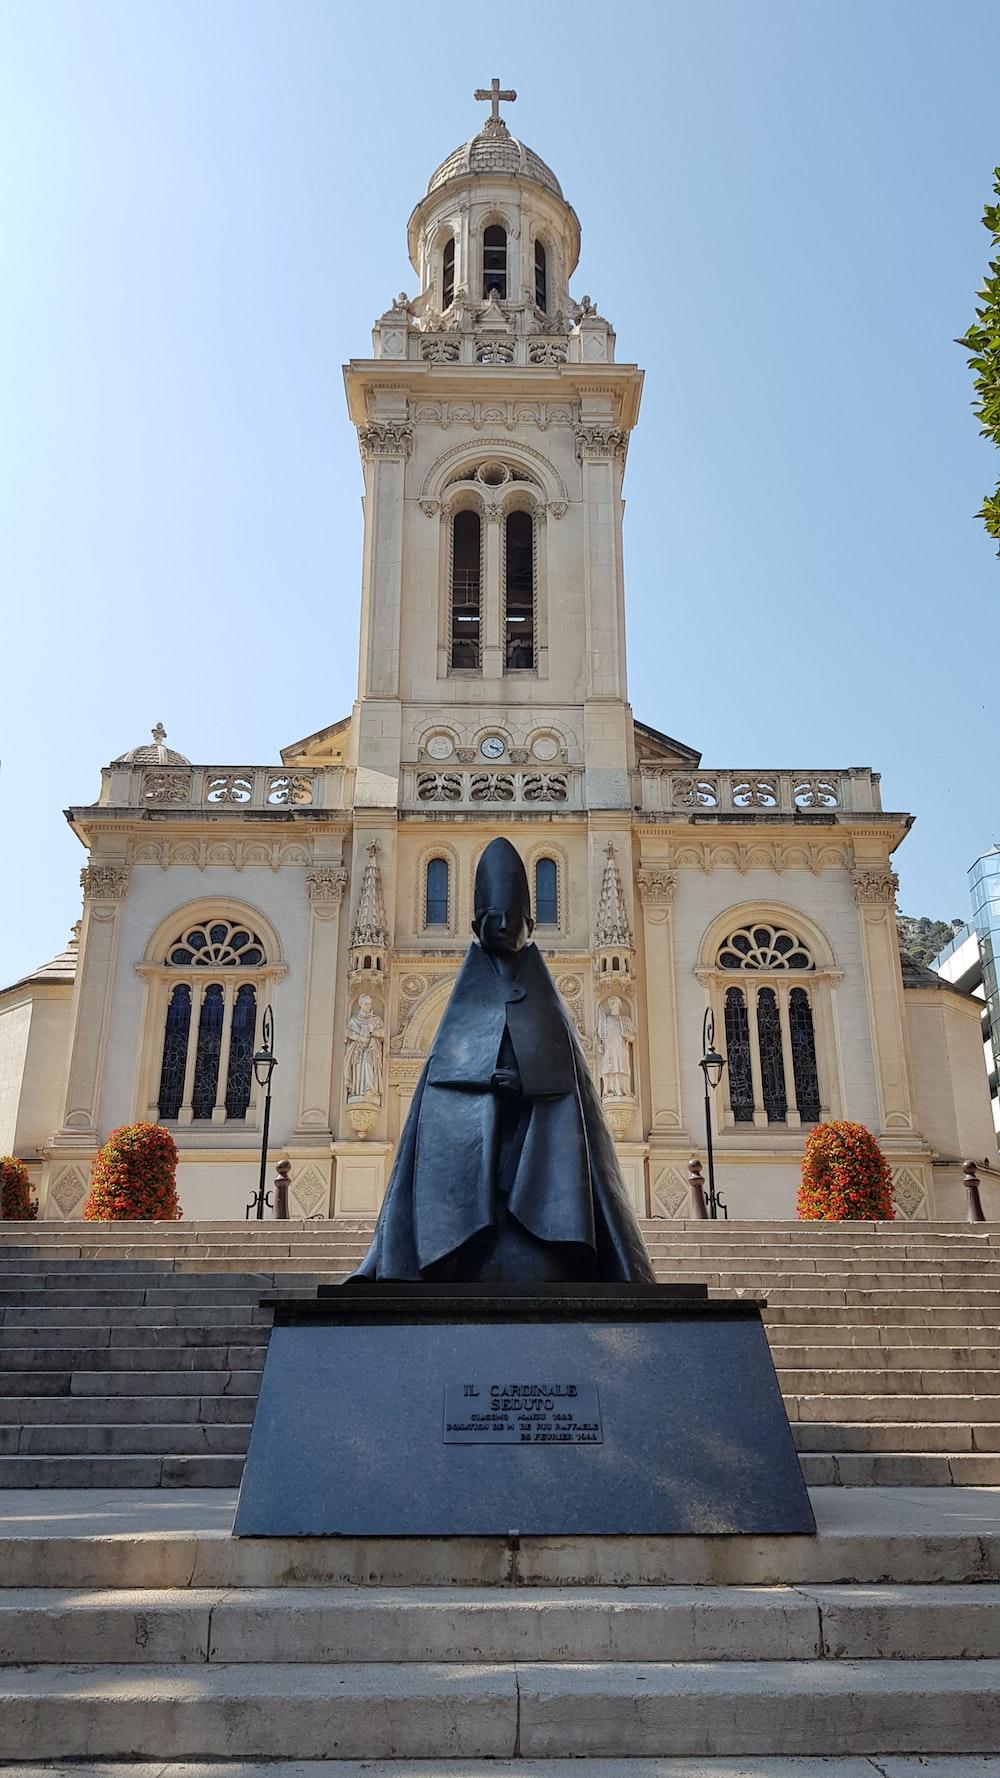 black male statue